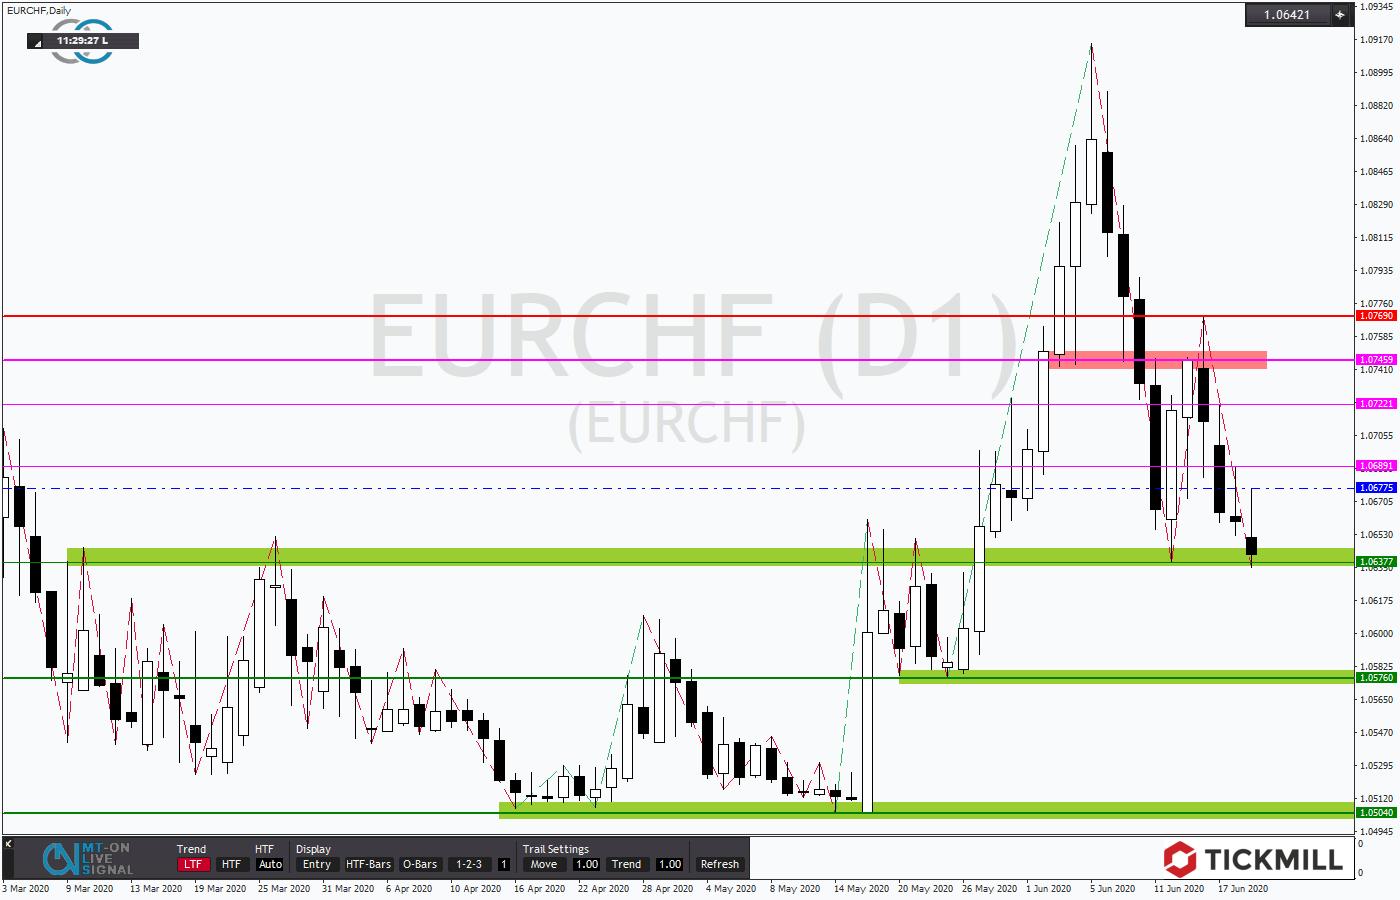 Tickmill-Analyse: EURCHF testet Unterstützung